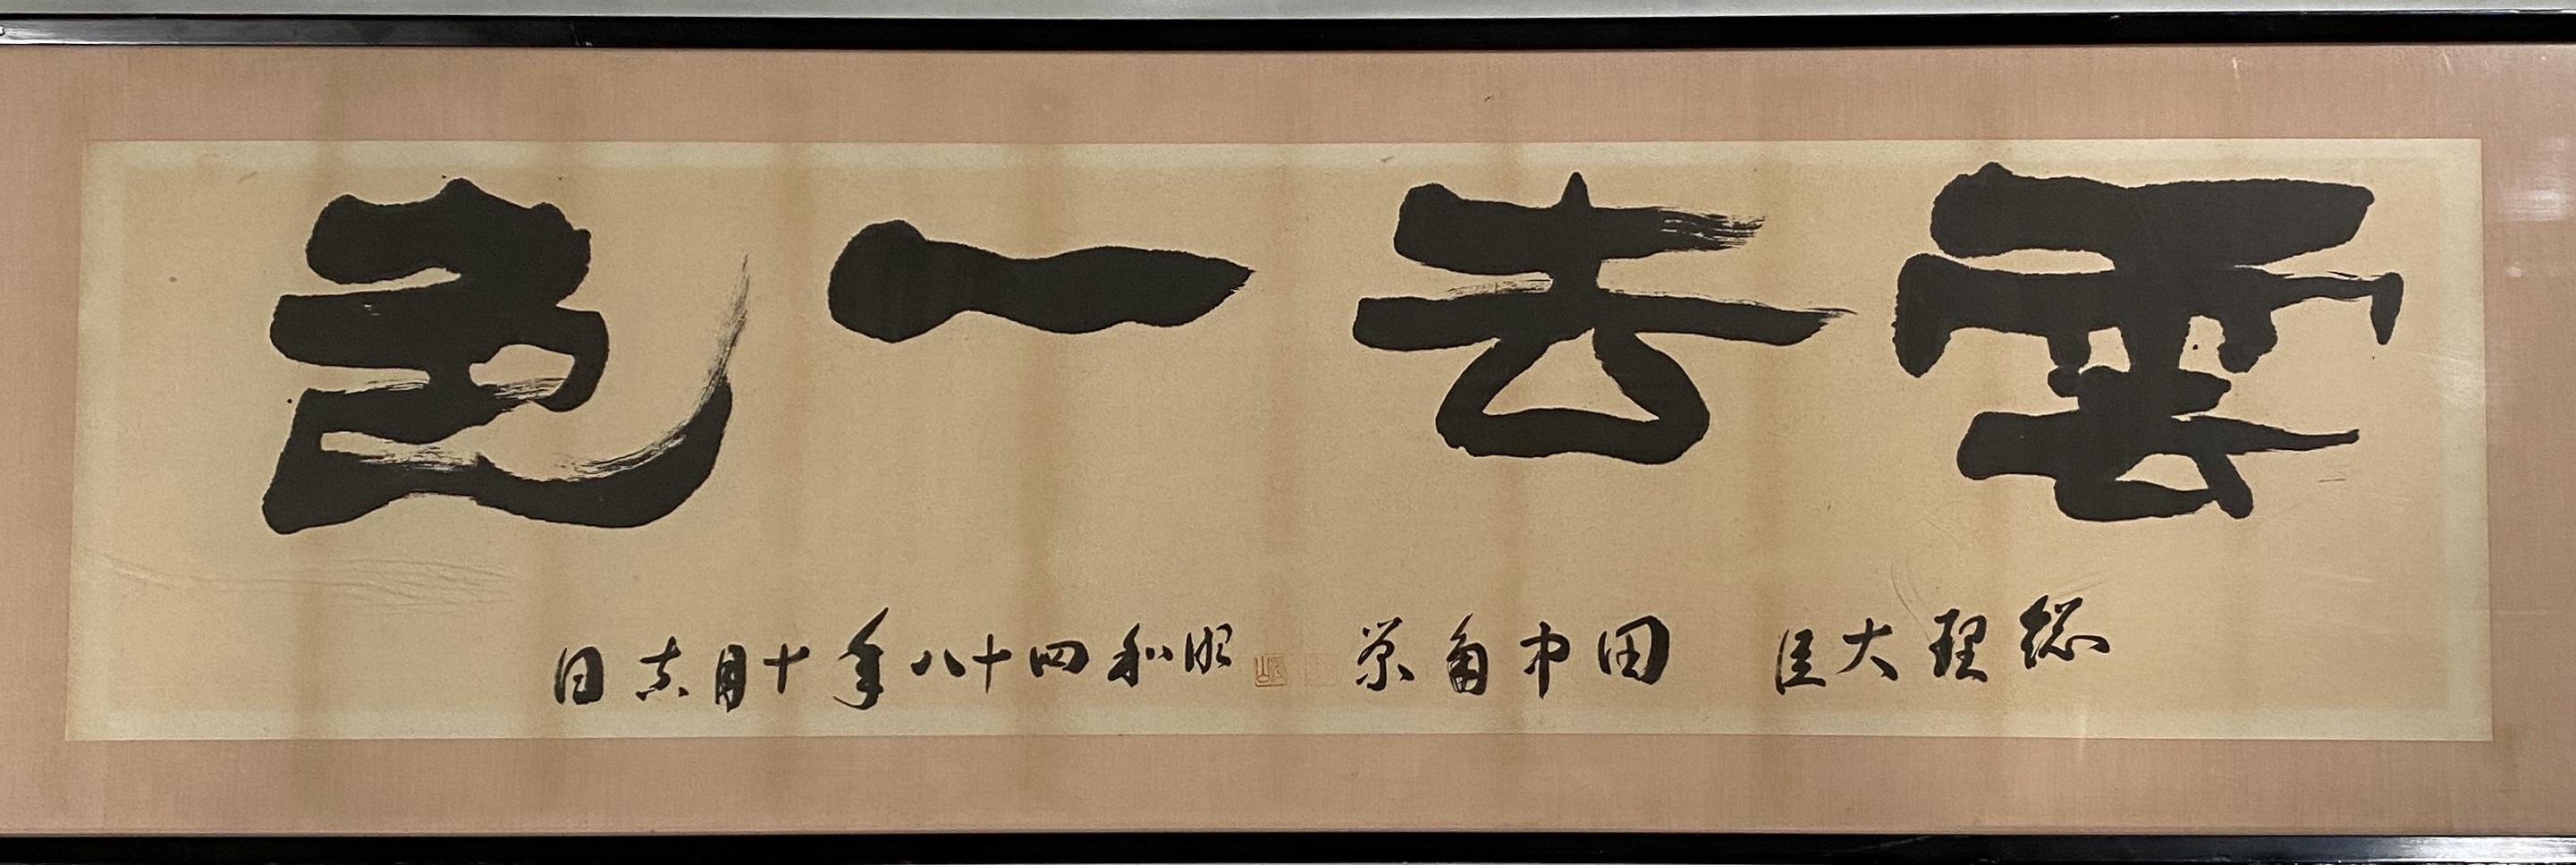 10338「田中角栄」書「雲去一色」横額33.6×136cm